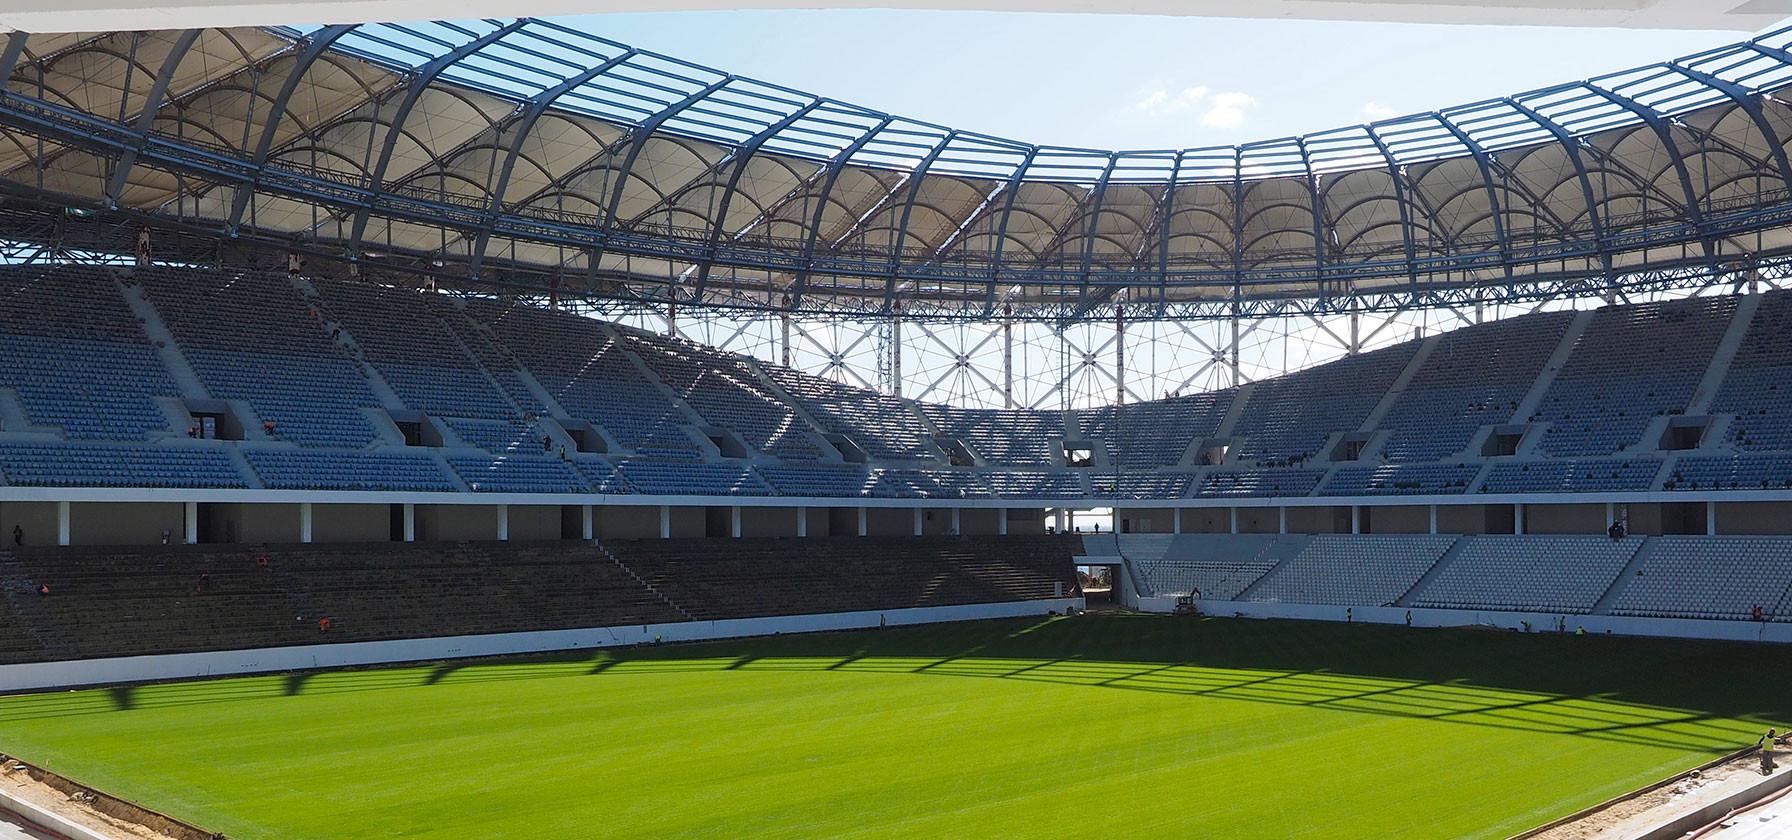 Coupe du monde 2018: Découvrez tous les stades de la compétition